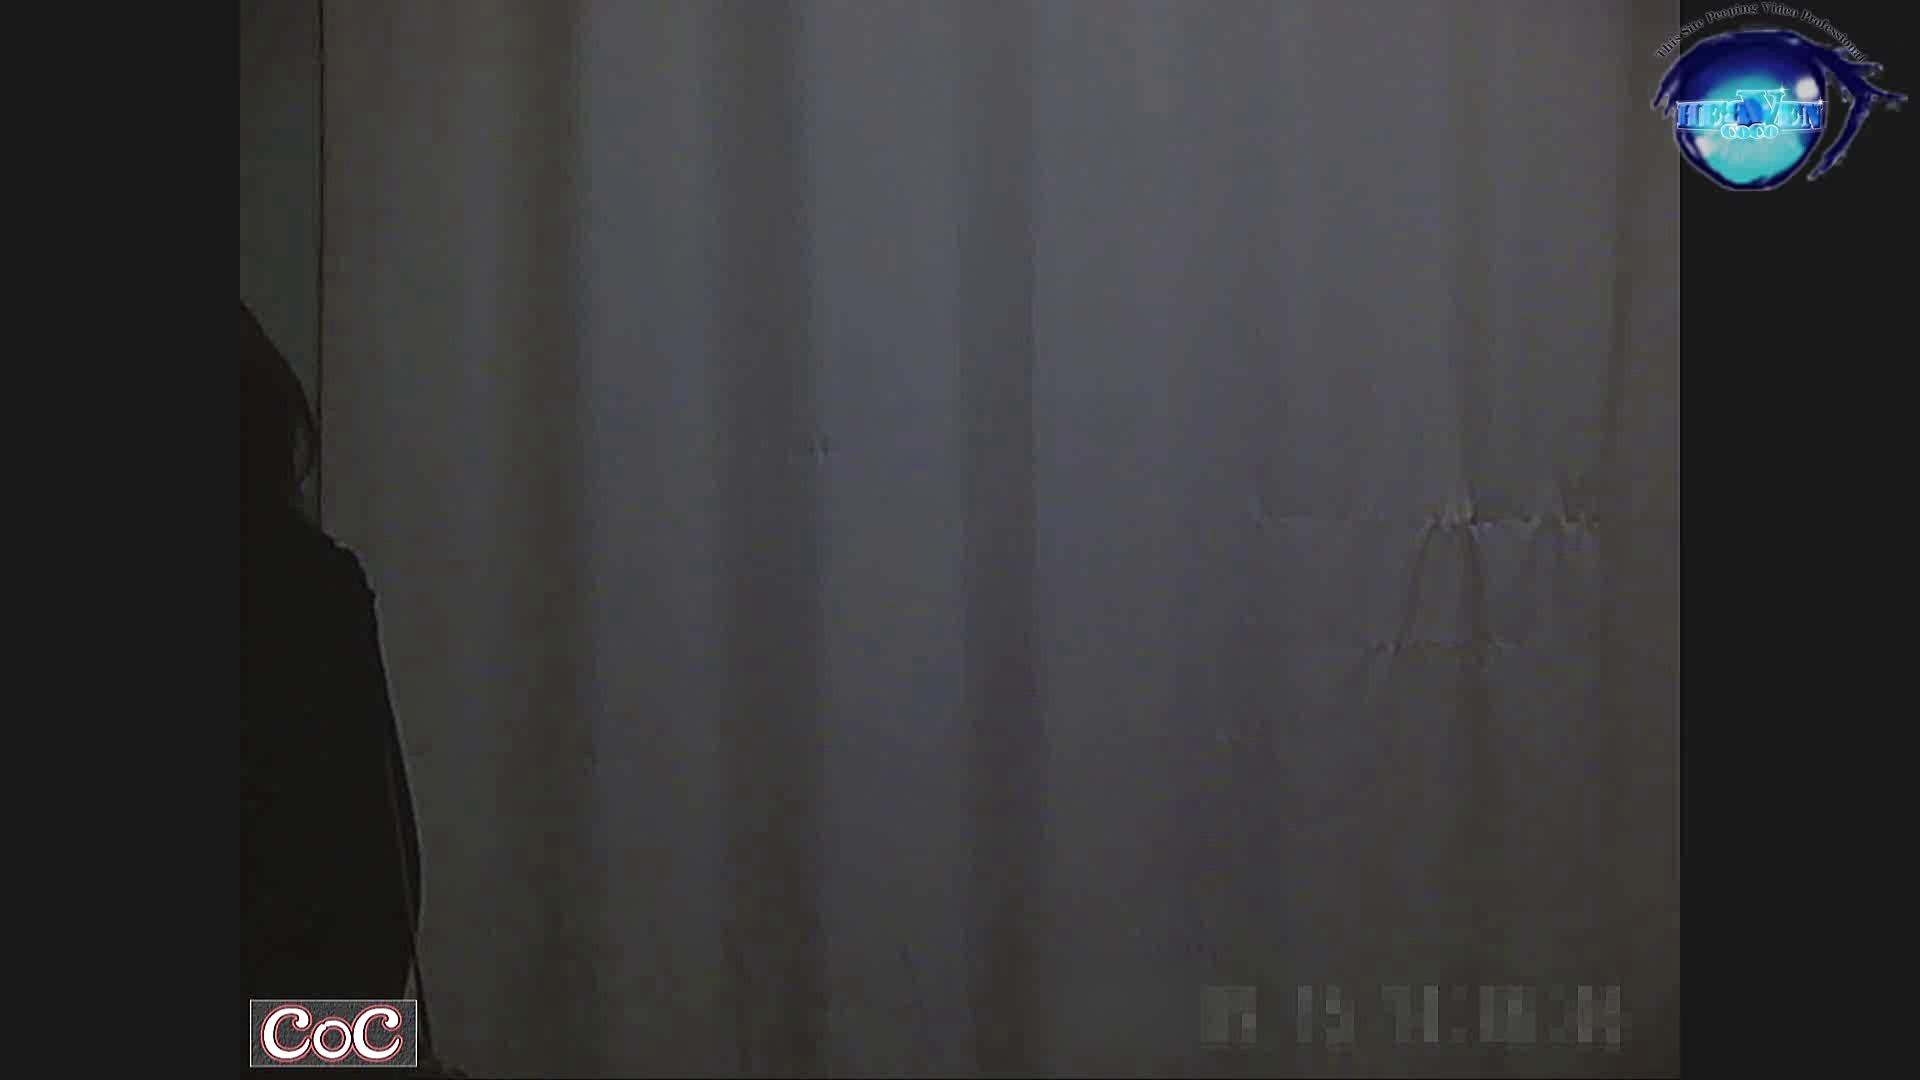 激ヤバ健康診断!着替えの一部始終.vol.27 ※本編ボカシ・目線無し 盗撮  34連発 16